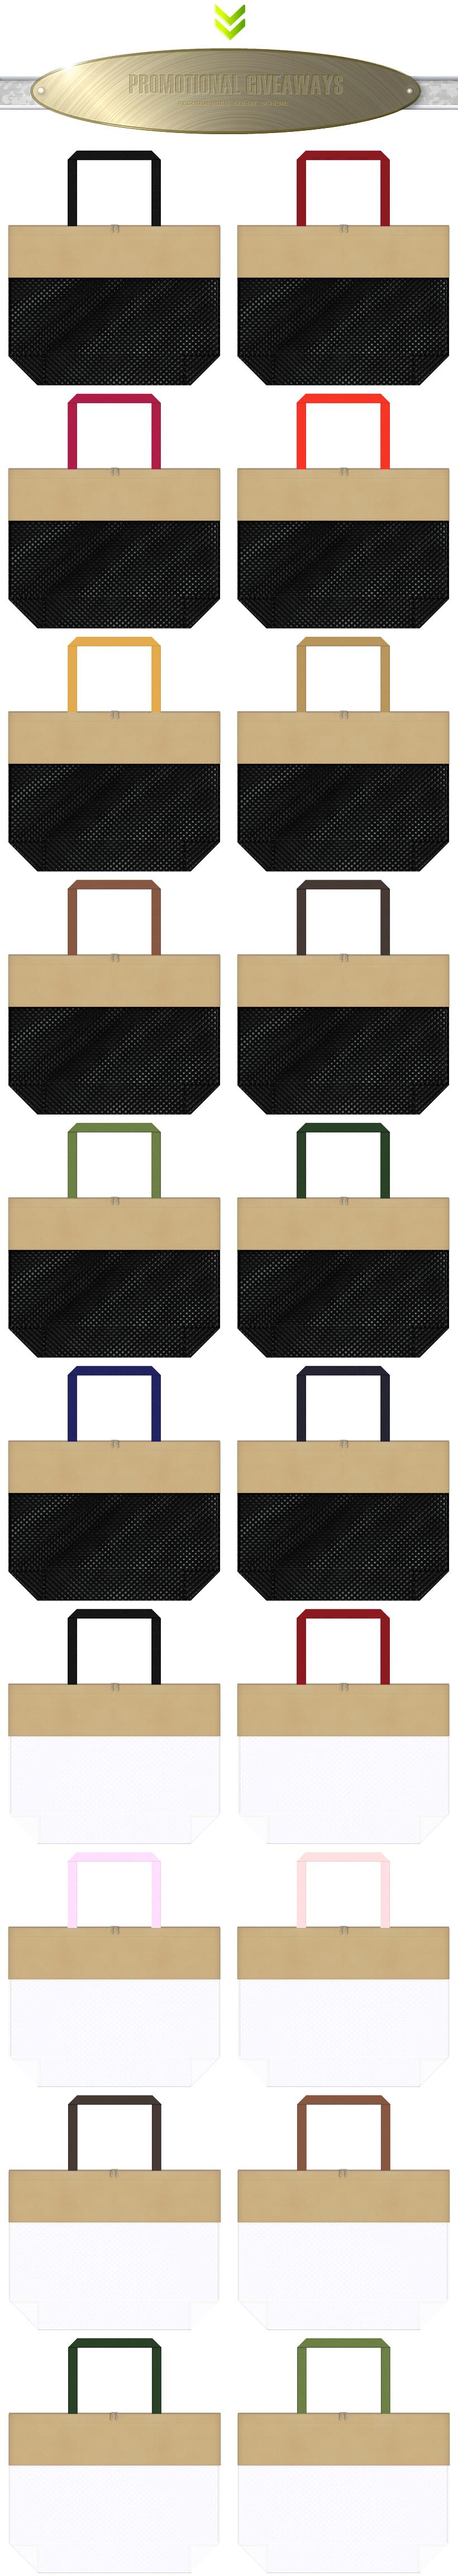 黒色メッシュ・白色メッシュとカーキ色の不織布をメインに使用した、台形型メッシュバッグのカラーシミュレーション